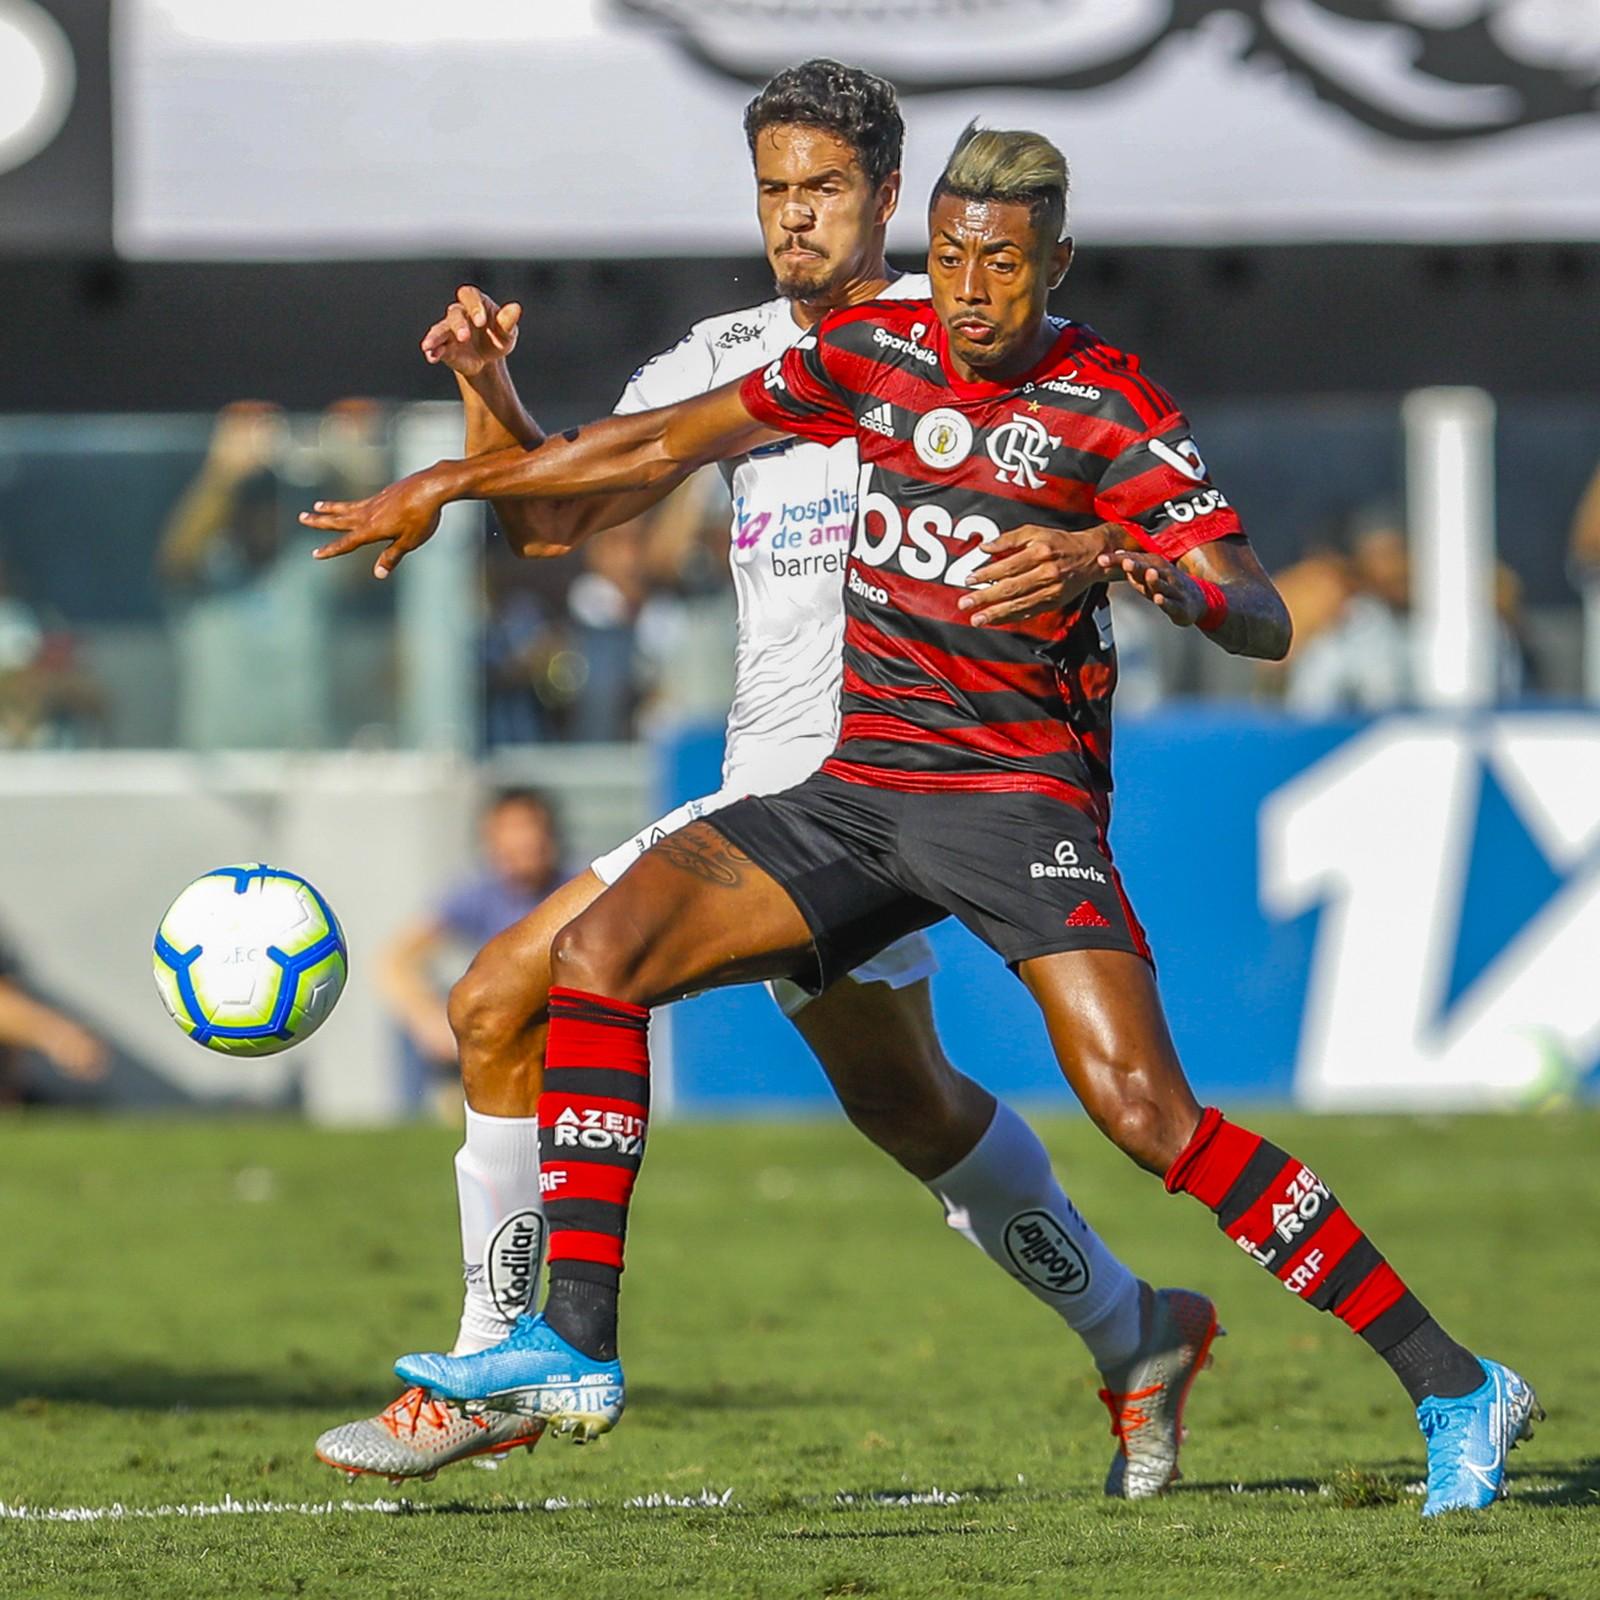 Bruno Henrique volta a sentir dores na coxa e vira preocupação no Flamengo antes do Mundial